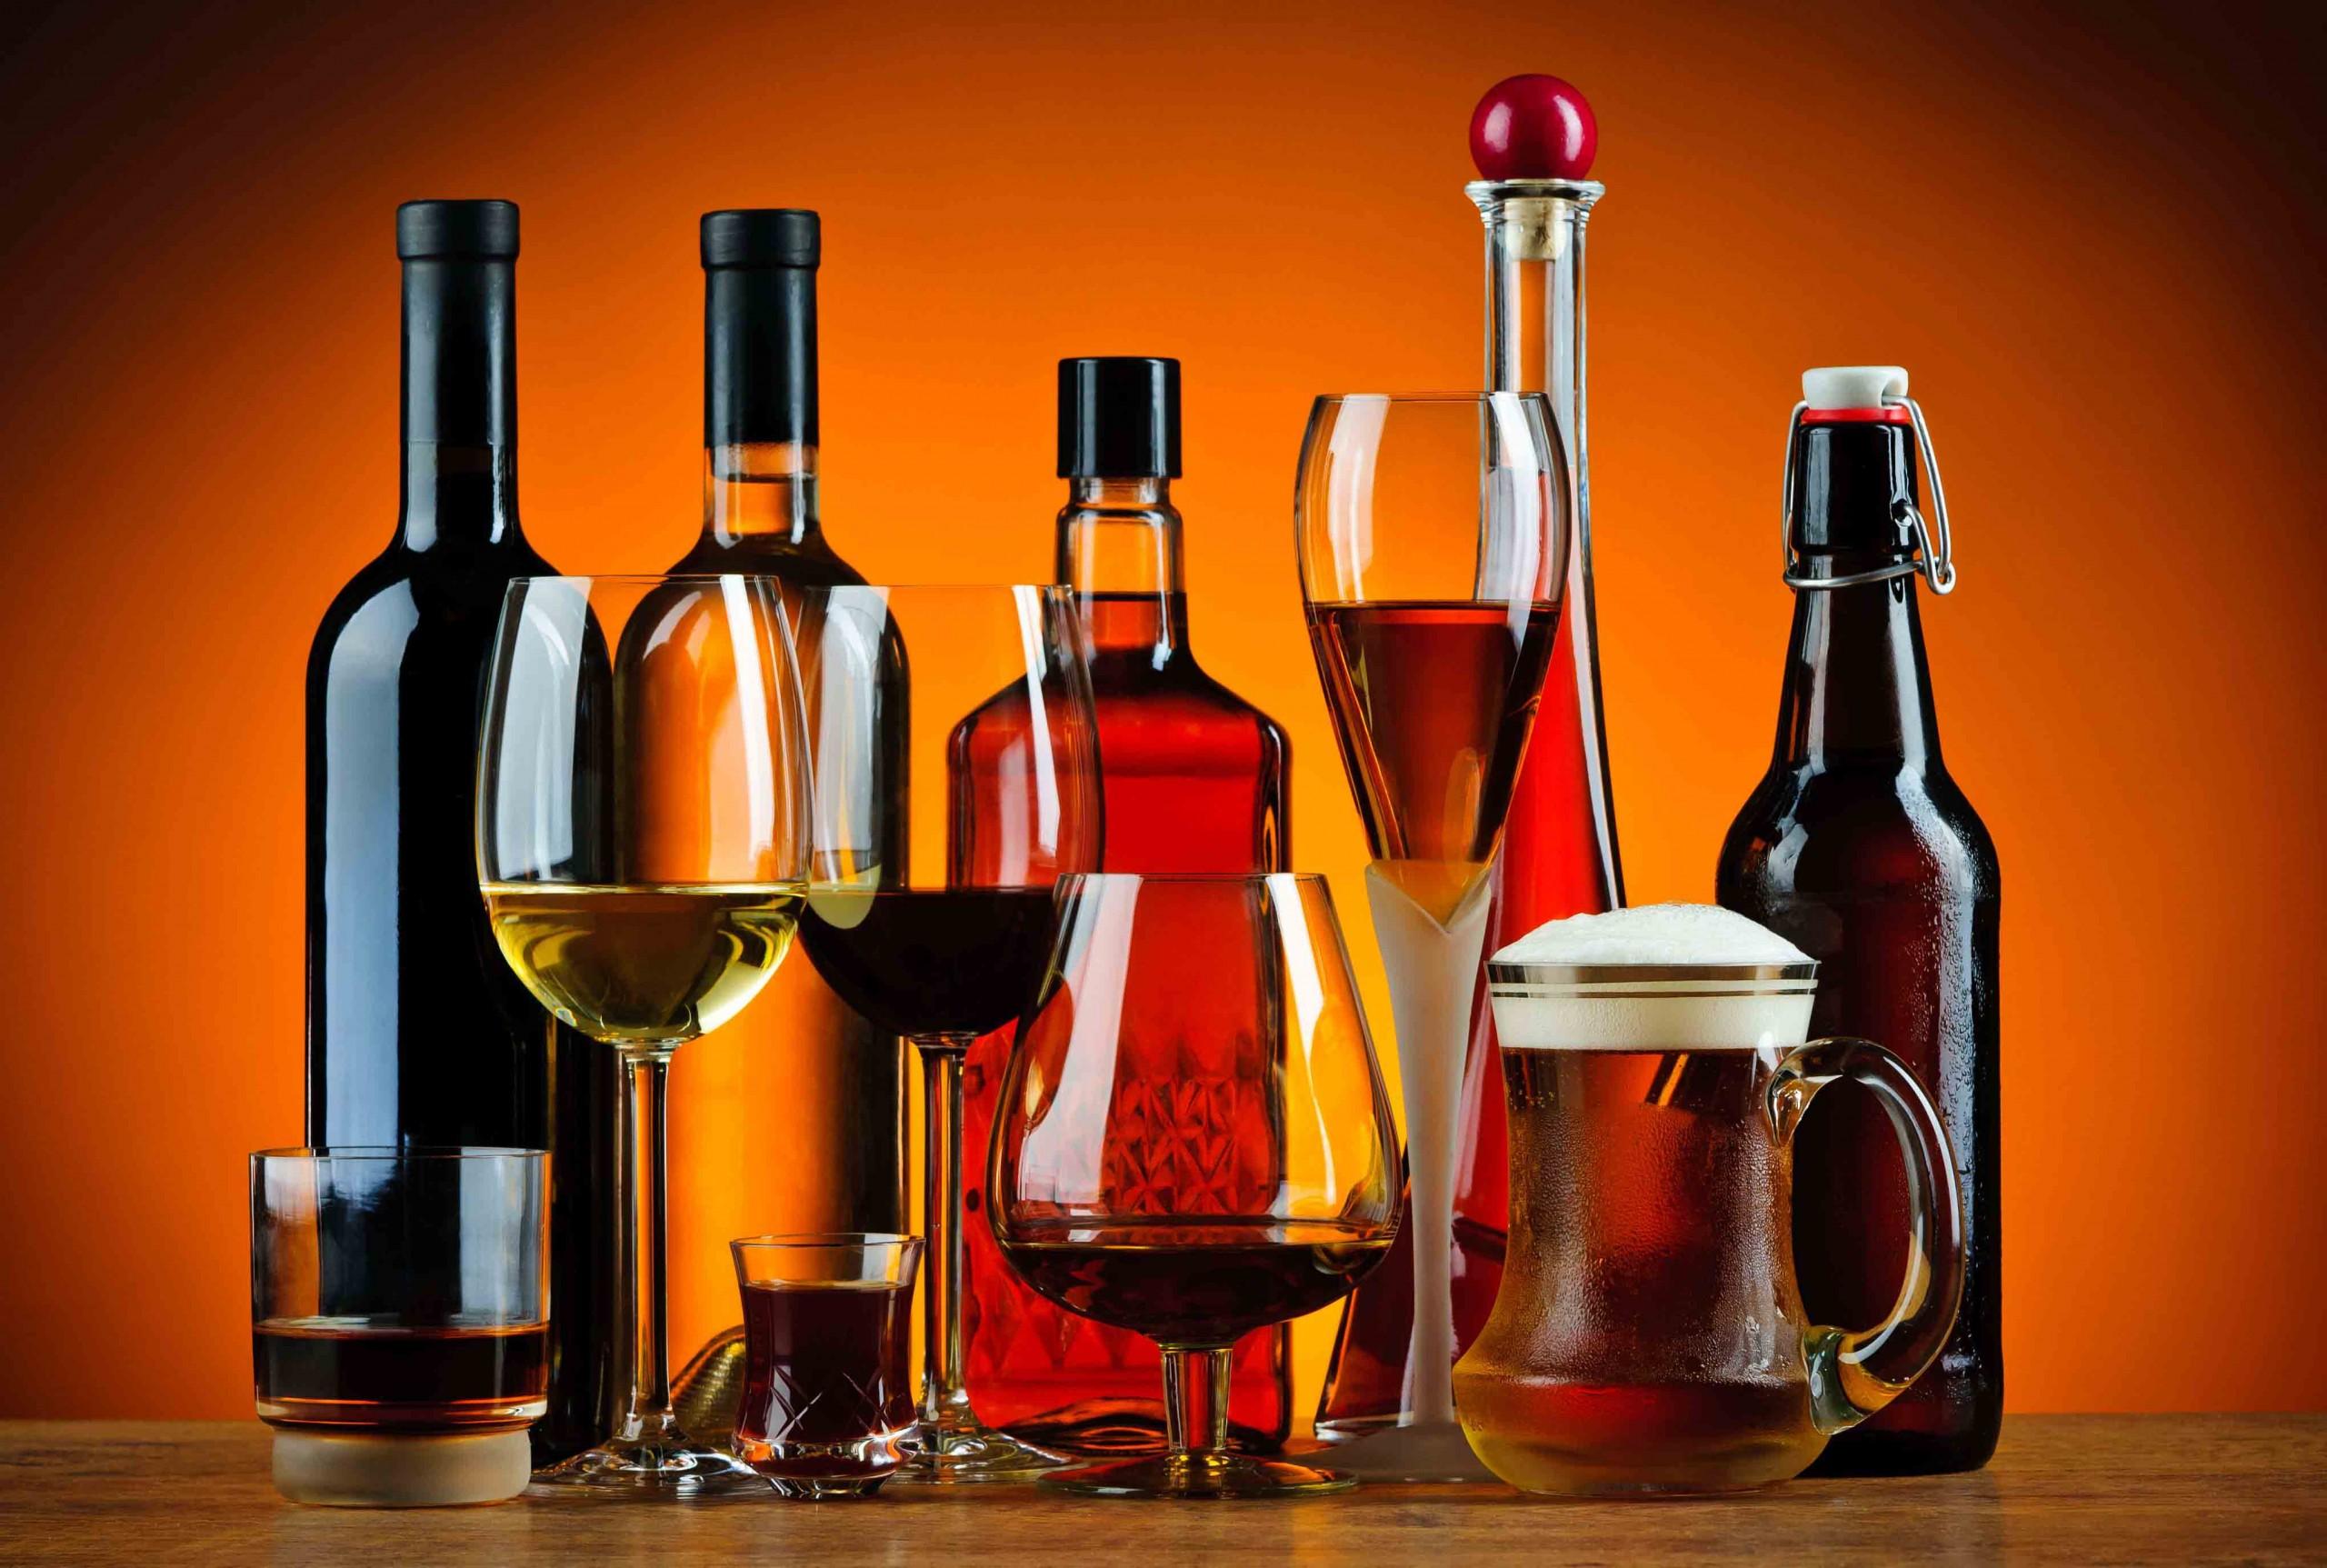 При рецидиве алкоголизма болезнь вернется, и симптомы будут сильнее